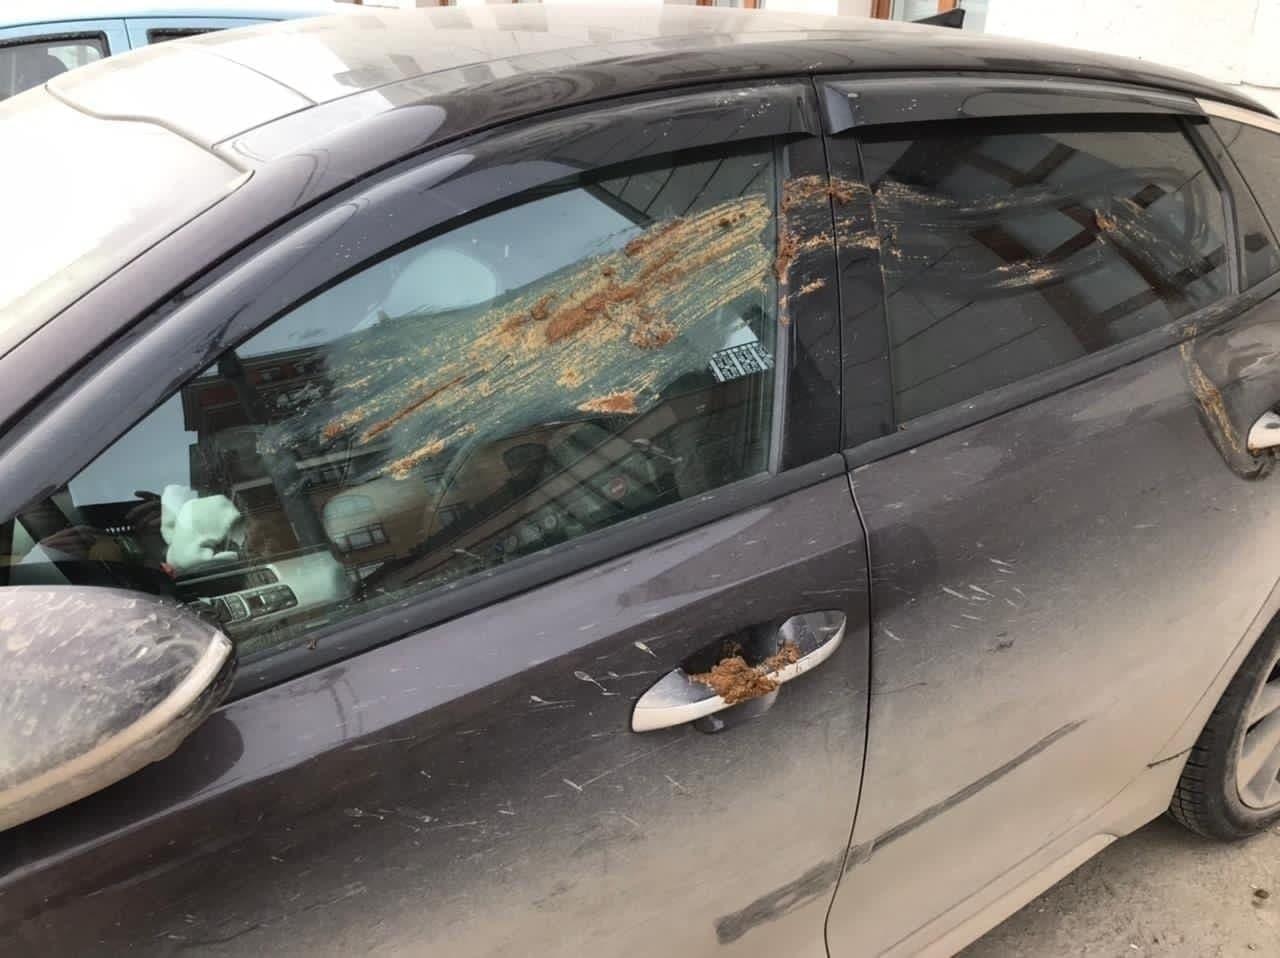 Дикари в России: пометили машину — чем, чем?! — им самым